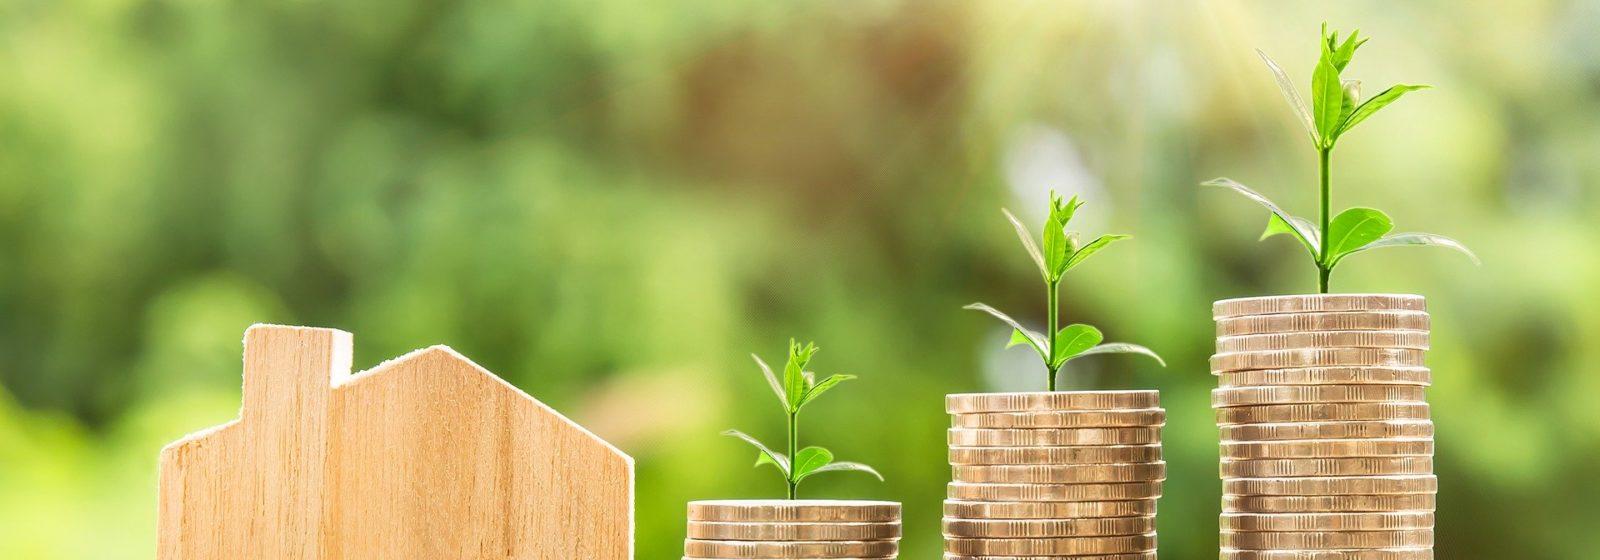 Handreiking kwaliteit voor Pgb-gefinancierde ouder/familie-initiatieven